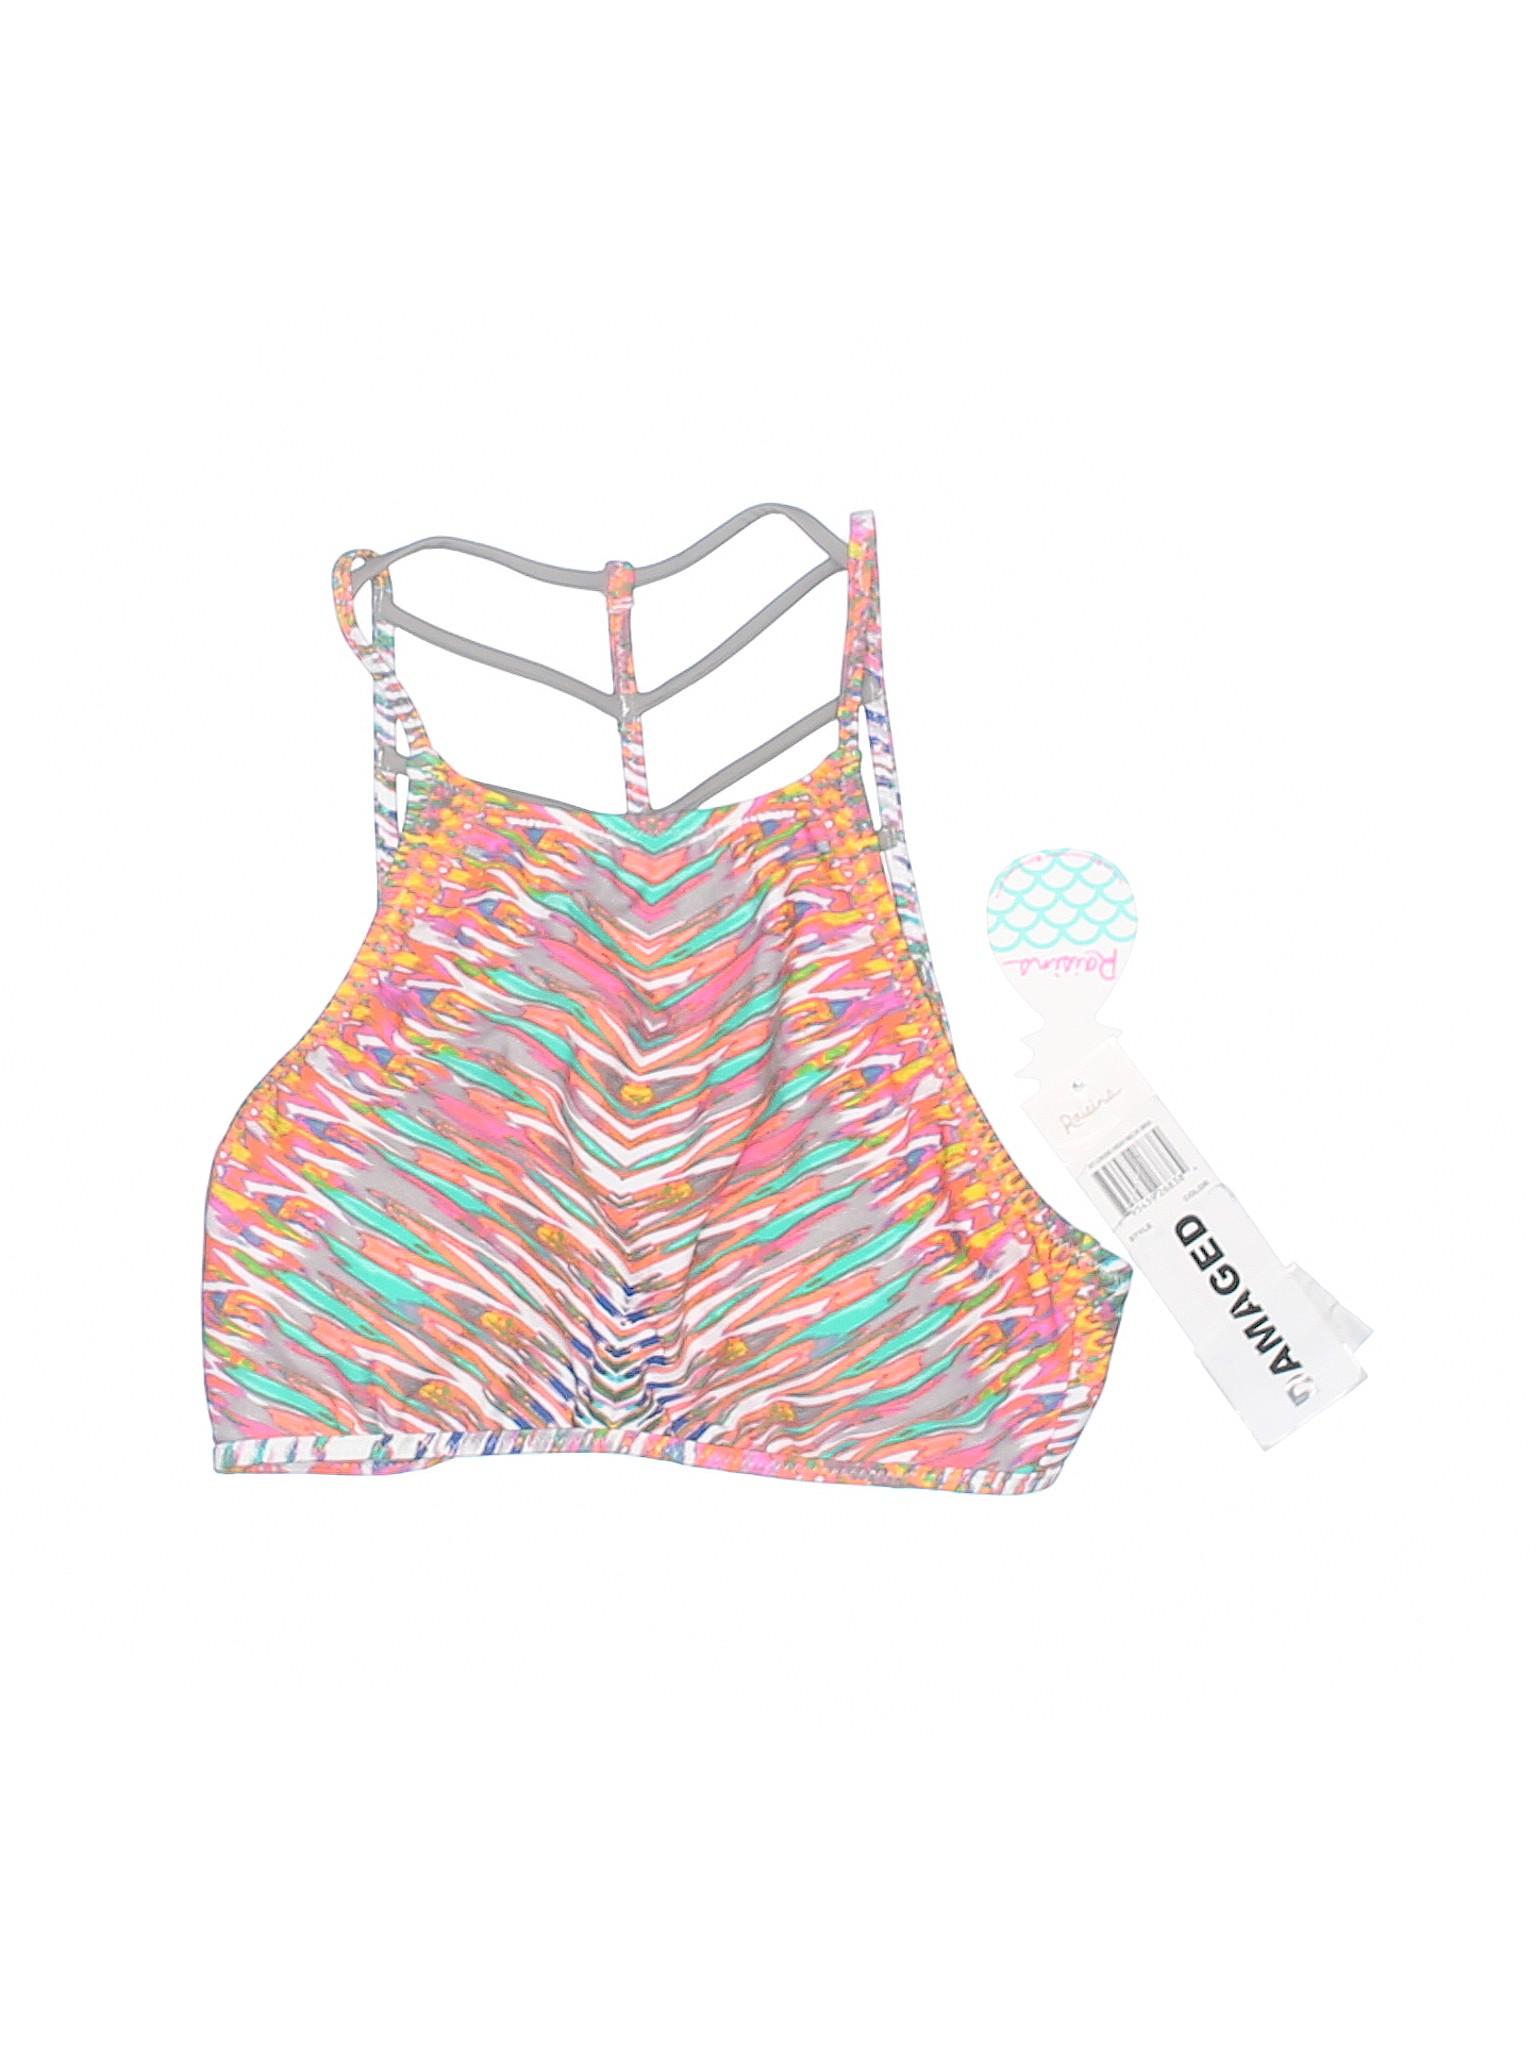 Swimsuit Swimsuit Top Boutique Boutique Raisins Raisins wzRqnF